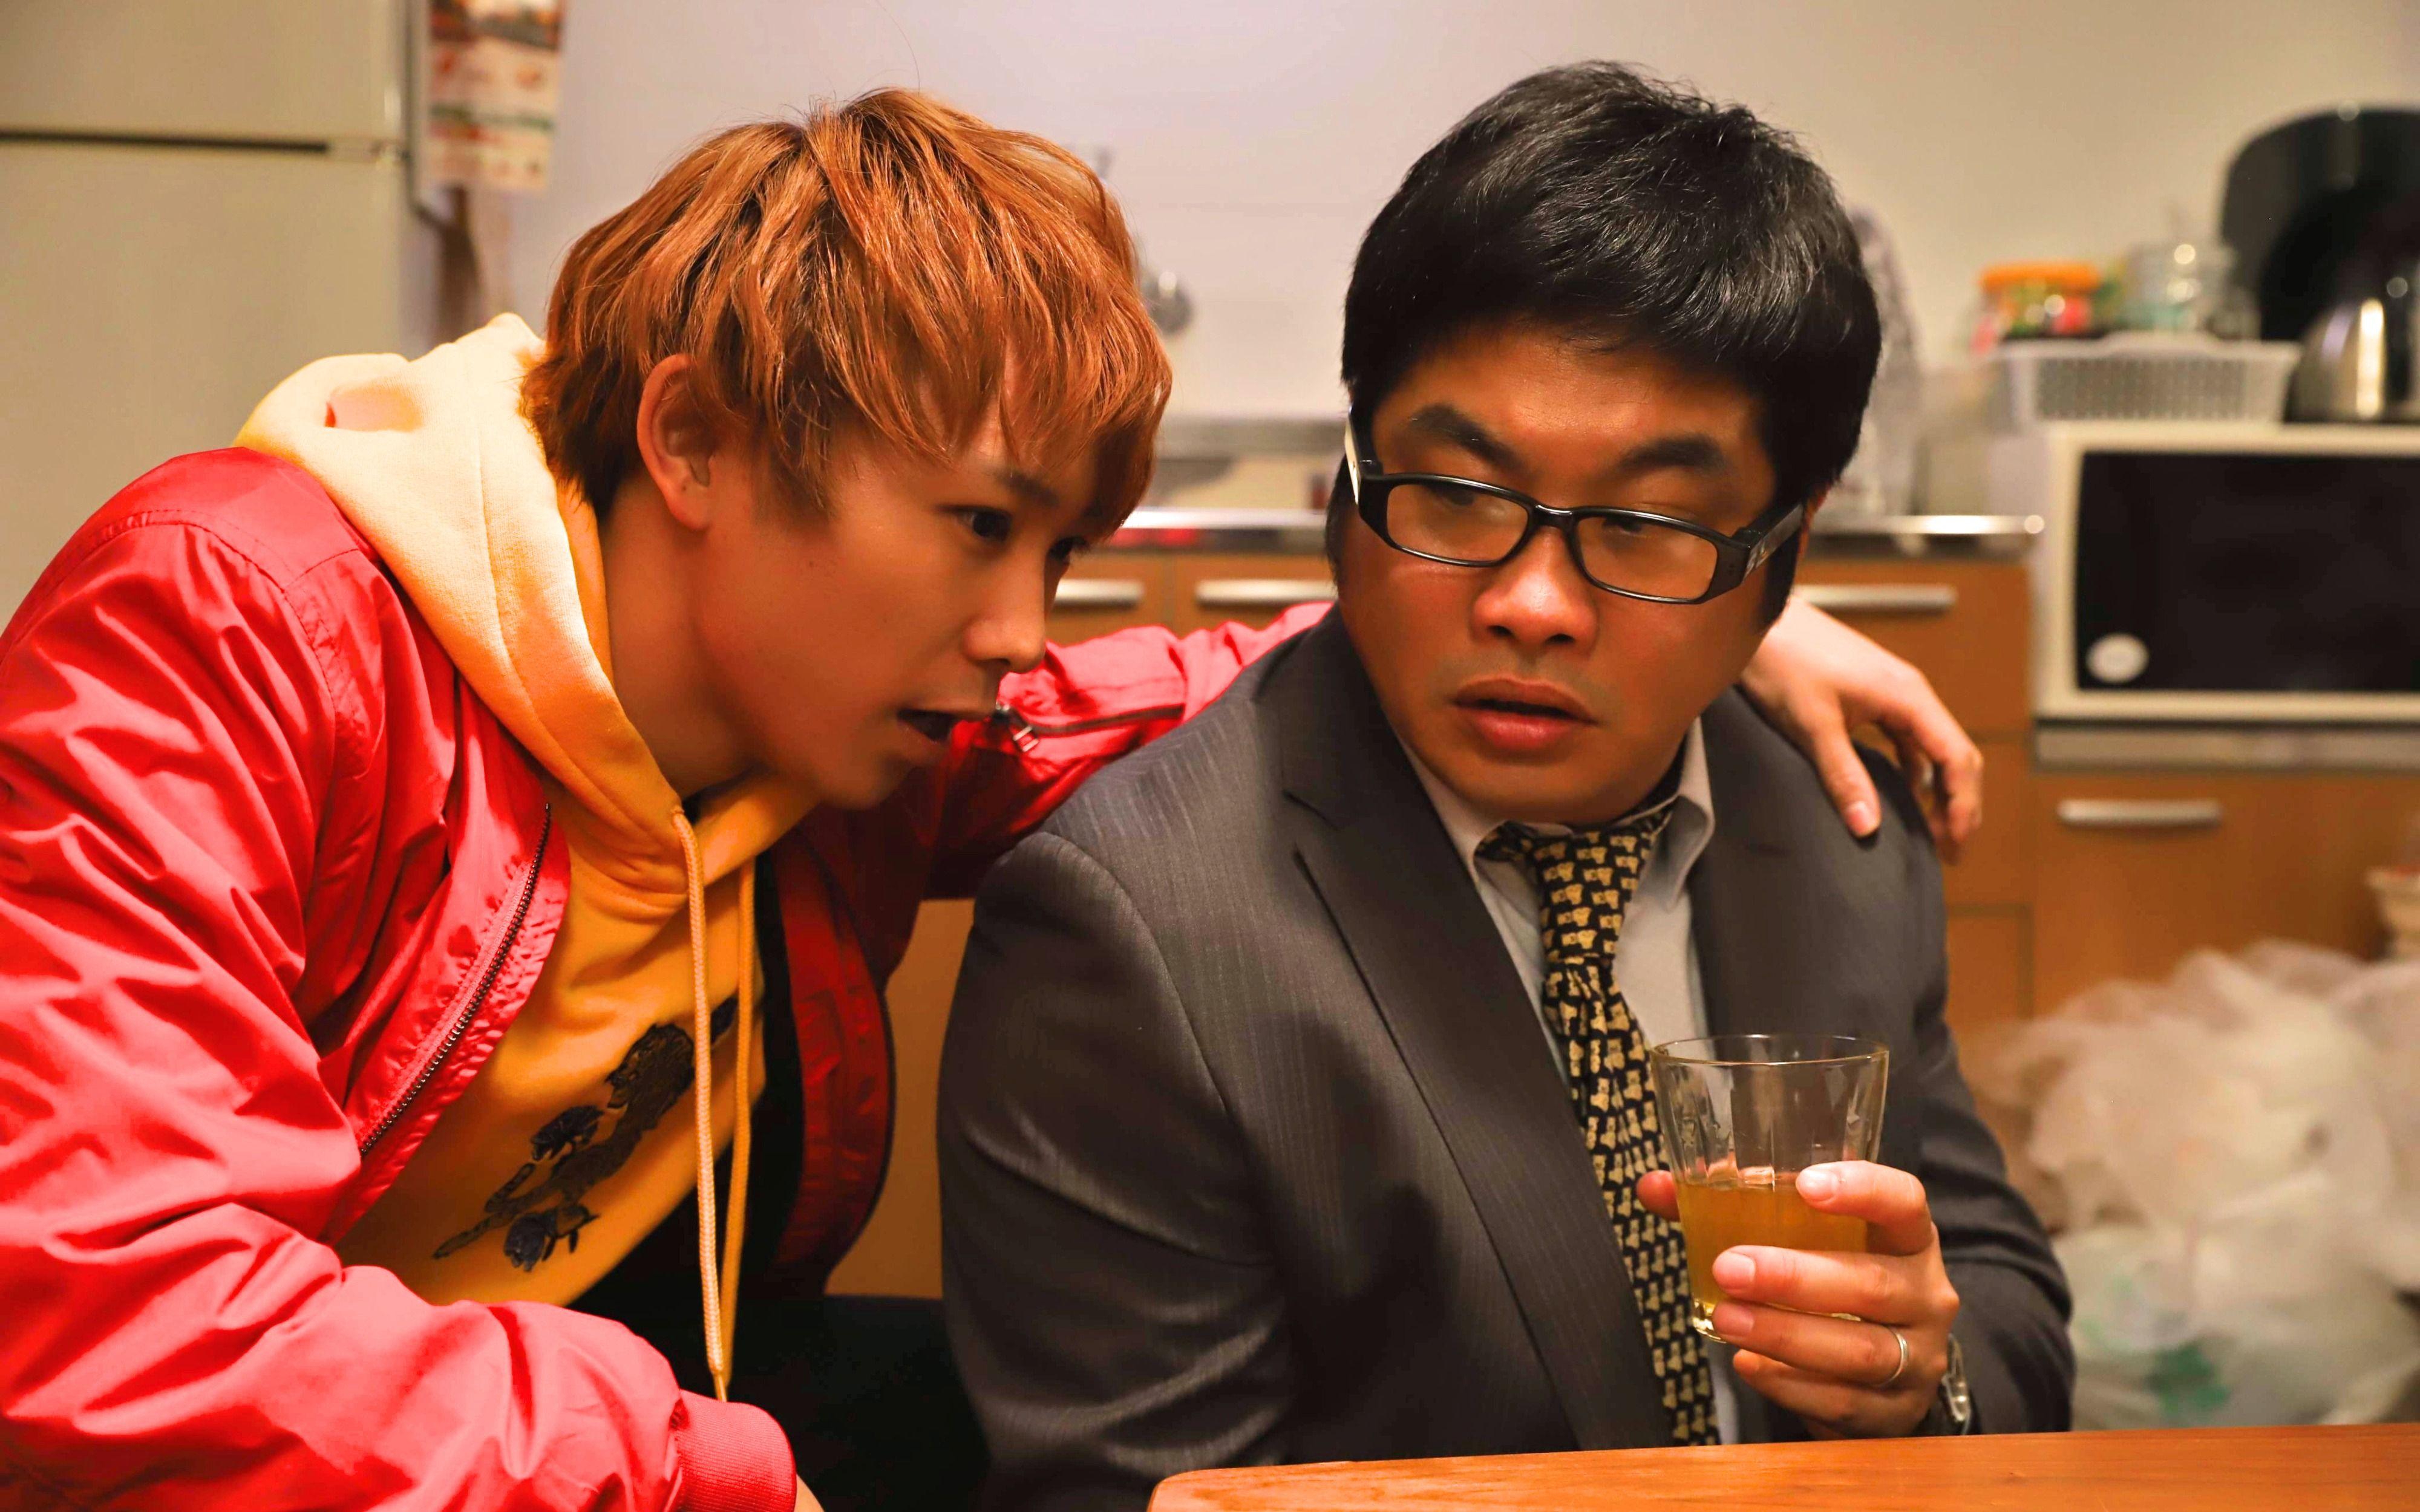 松尾さん出演情報 『JOKER×FACE』毎週(月)24時55分~25時25分放送 FODで先行配信中 ©フジテレビ/ソニー・ミュージックエンタテインメント